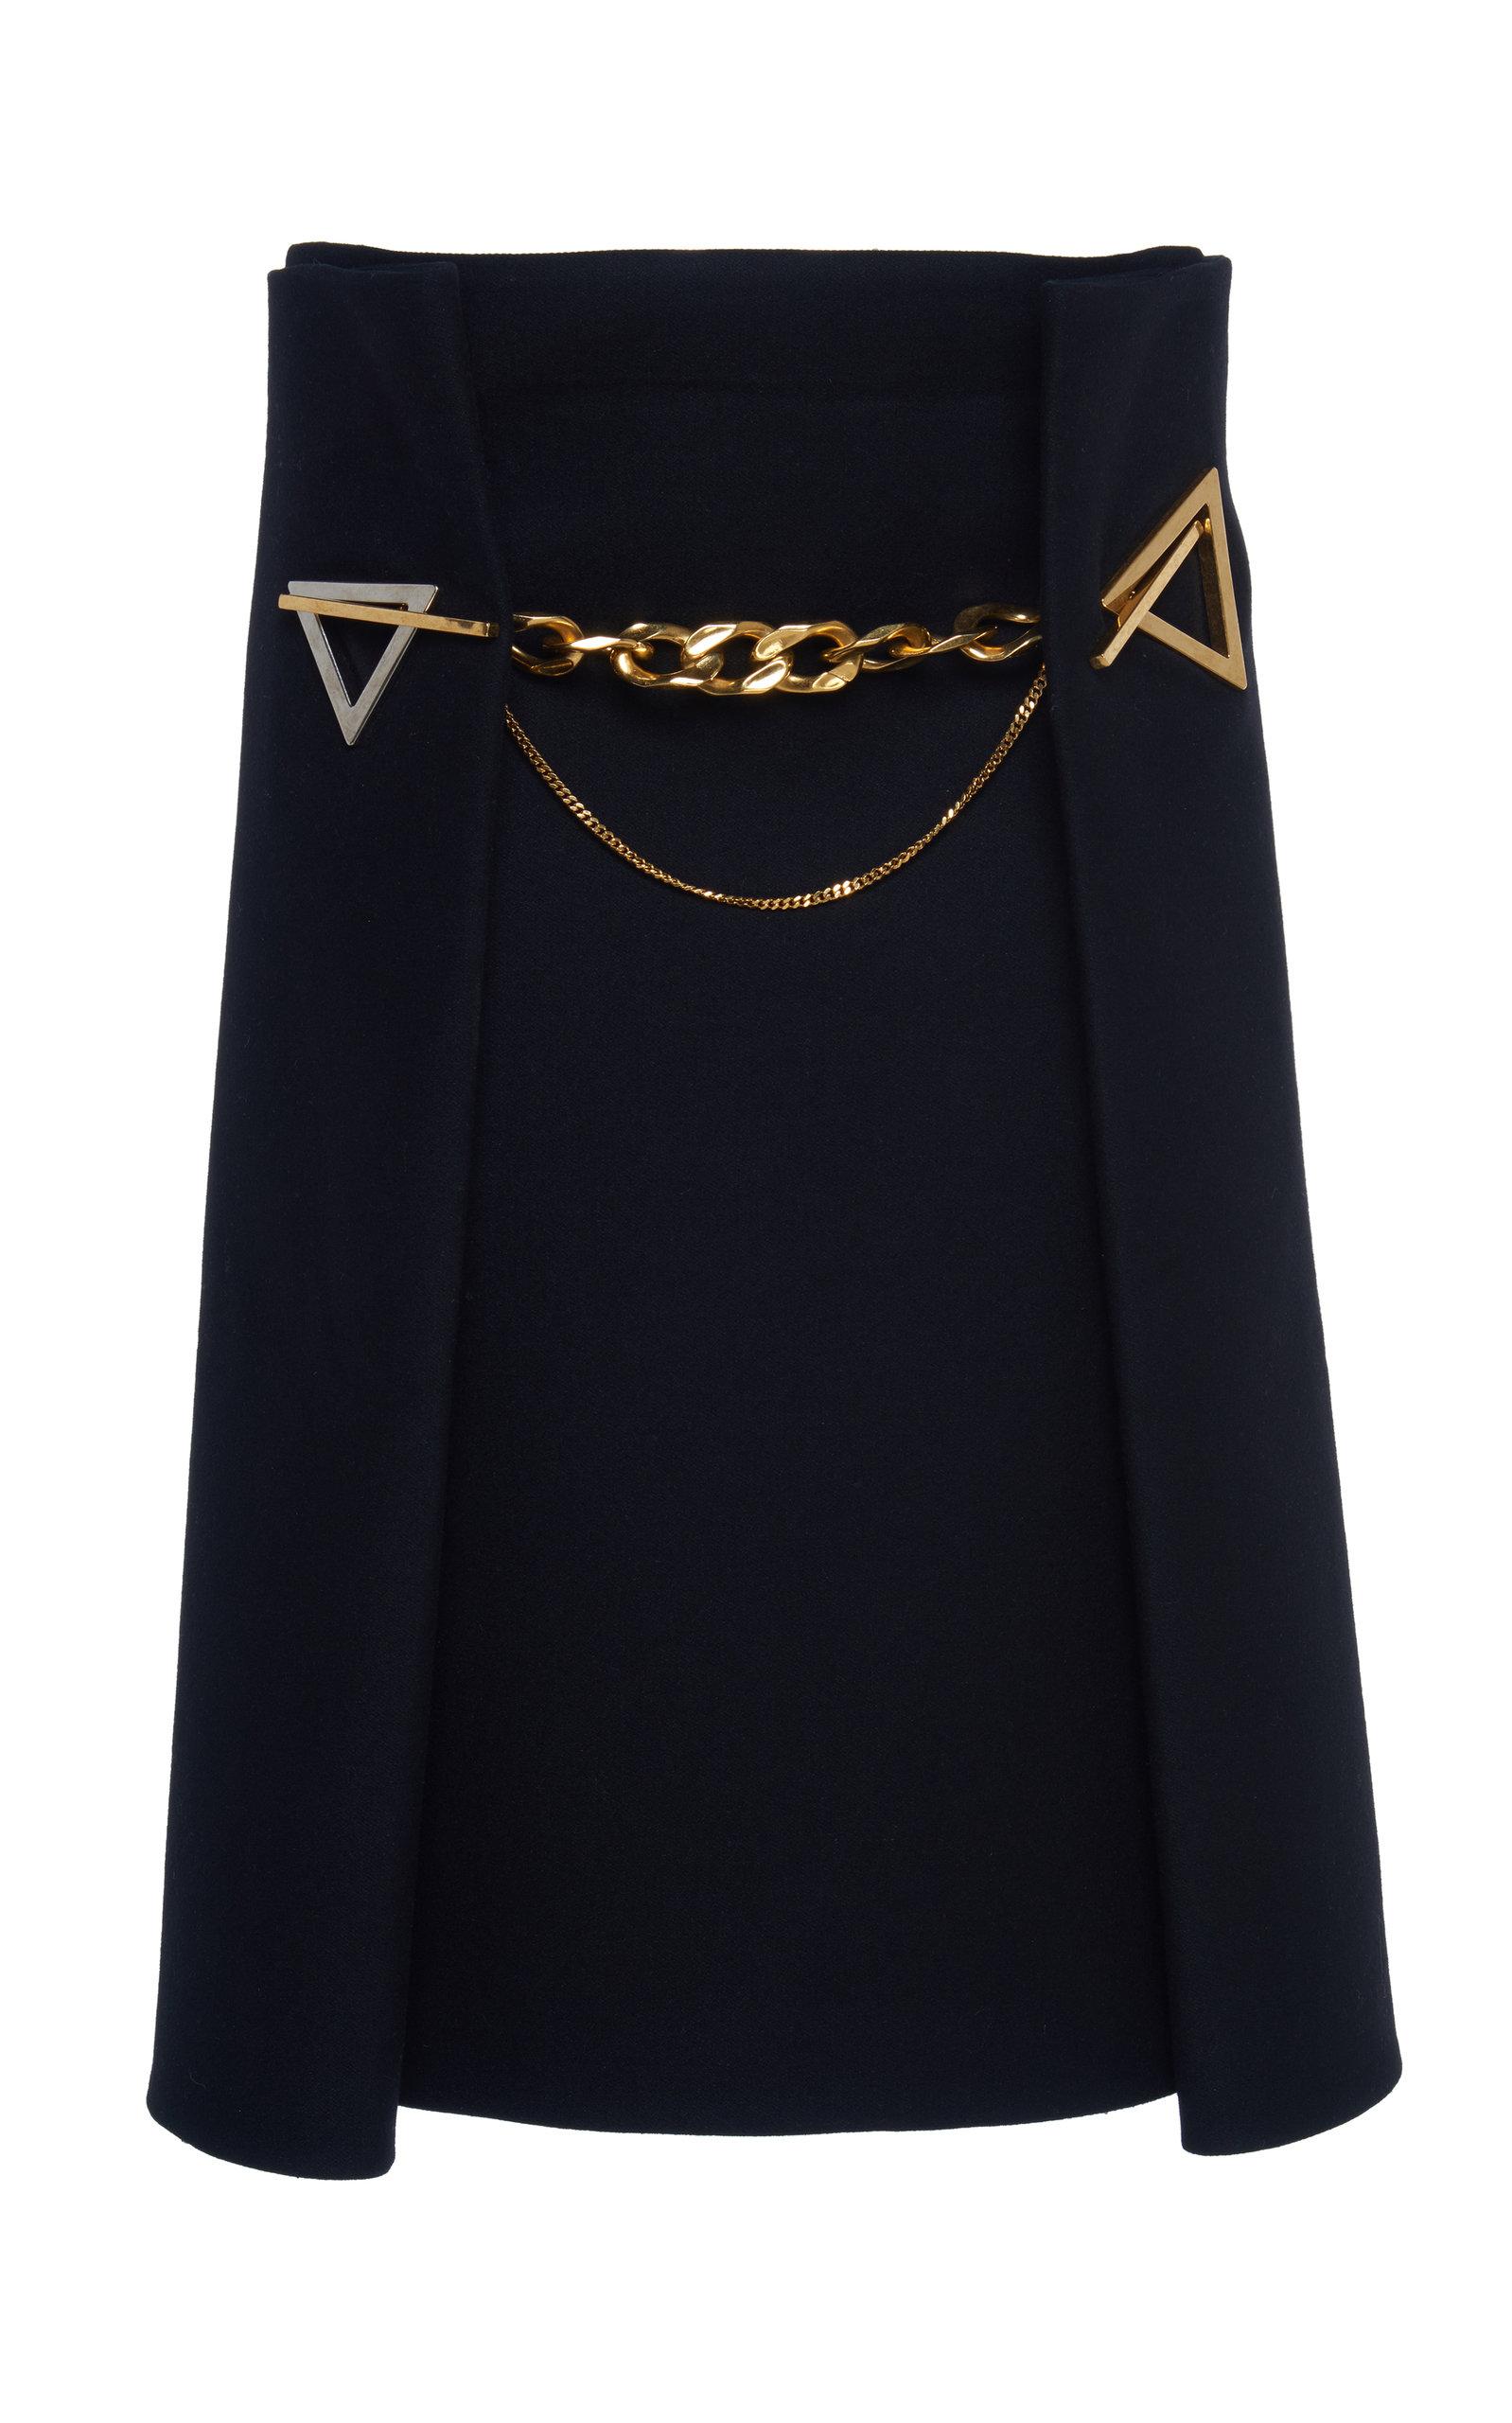 Bottega Veneta Skirts Chain-Embellished Cashmere-Twill Midi Skirt